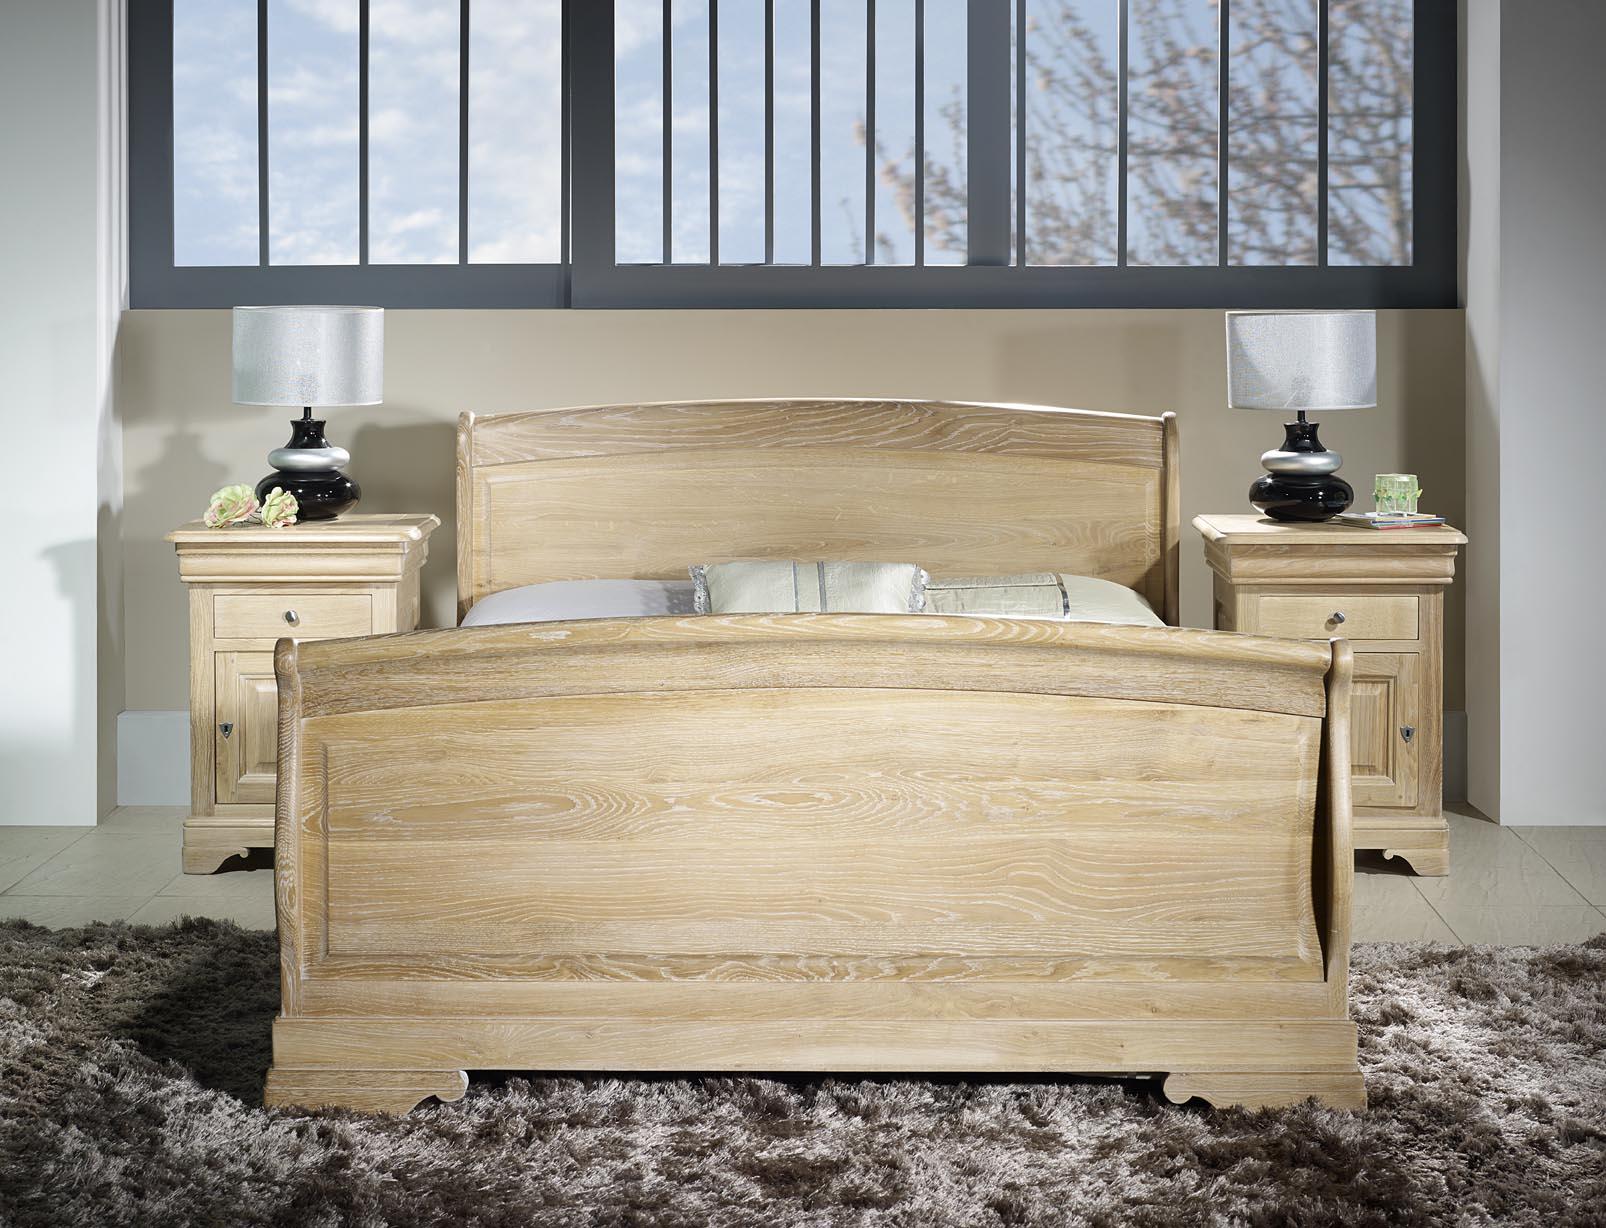 Lit 140x190 en ch ne massif de style louis philippe finition ch ne bross bla - Tete de lit chene blanchi ...